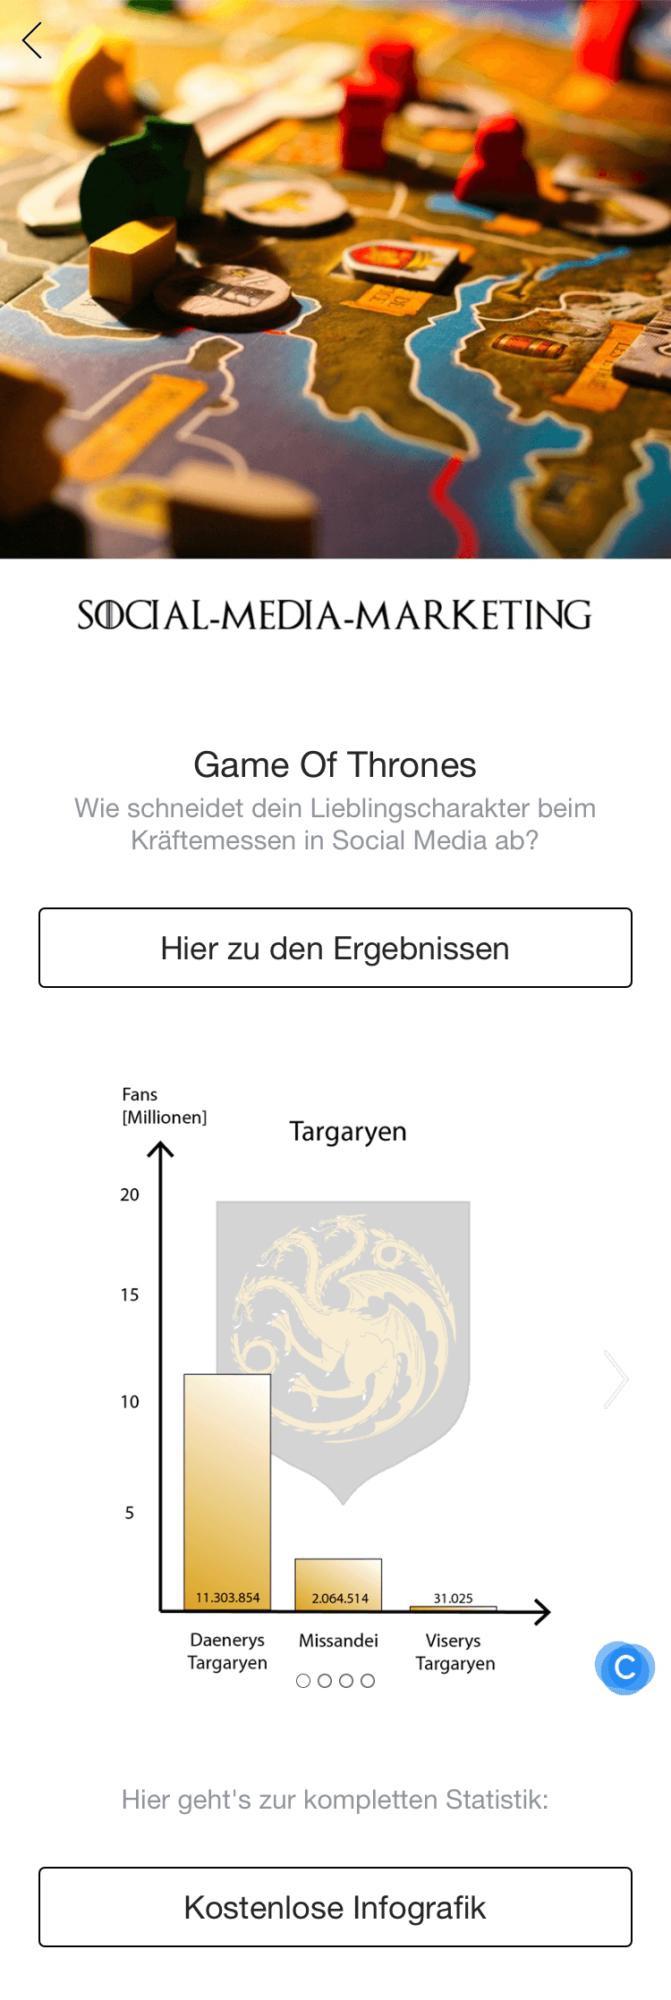 Facebook Canvas zu Game of Thrones^